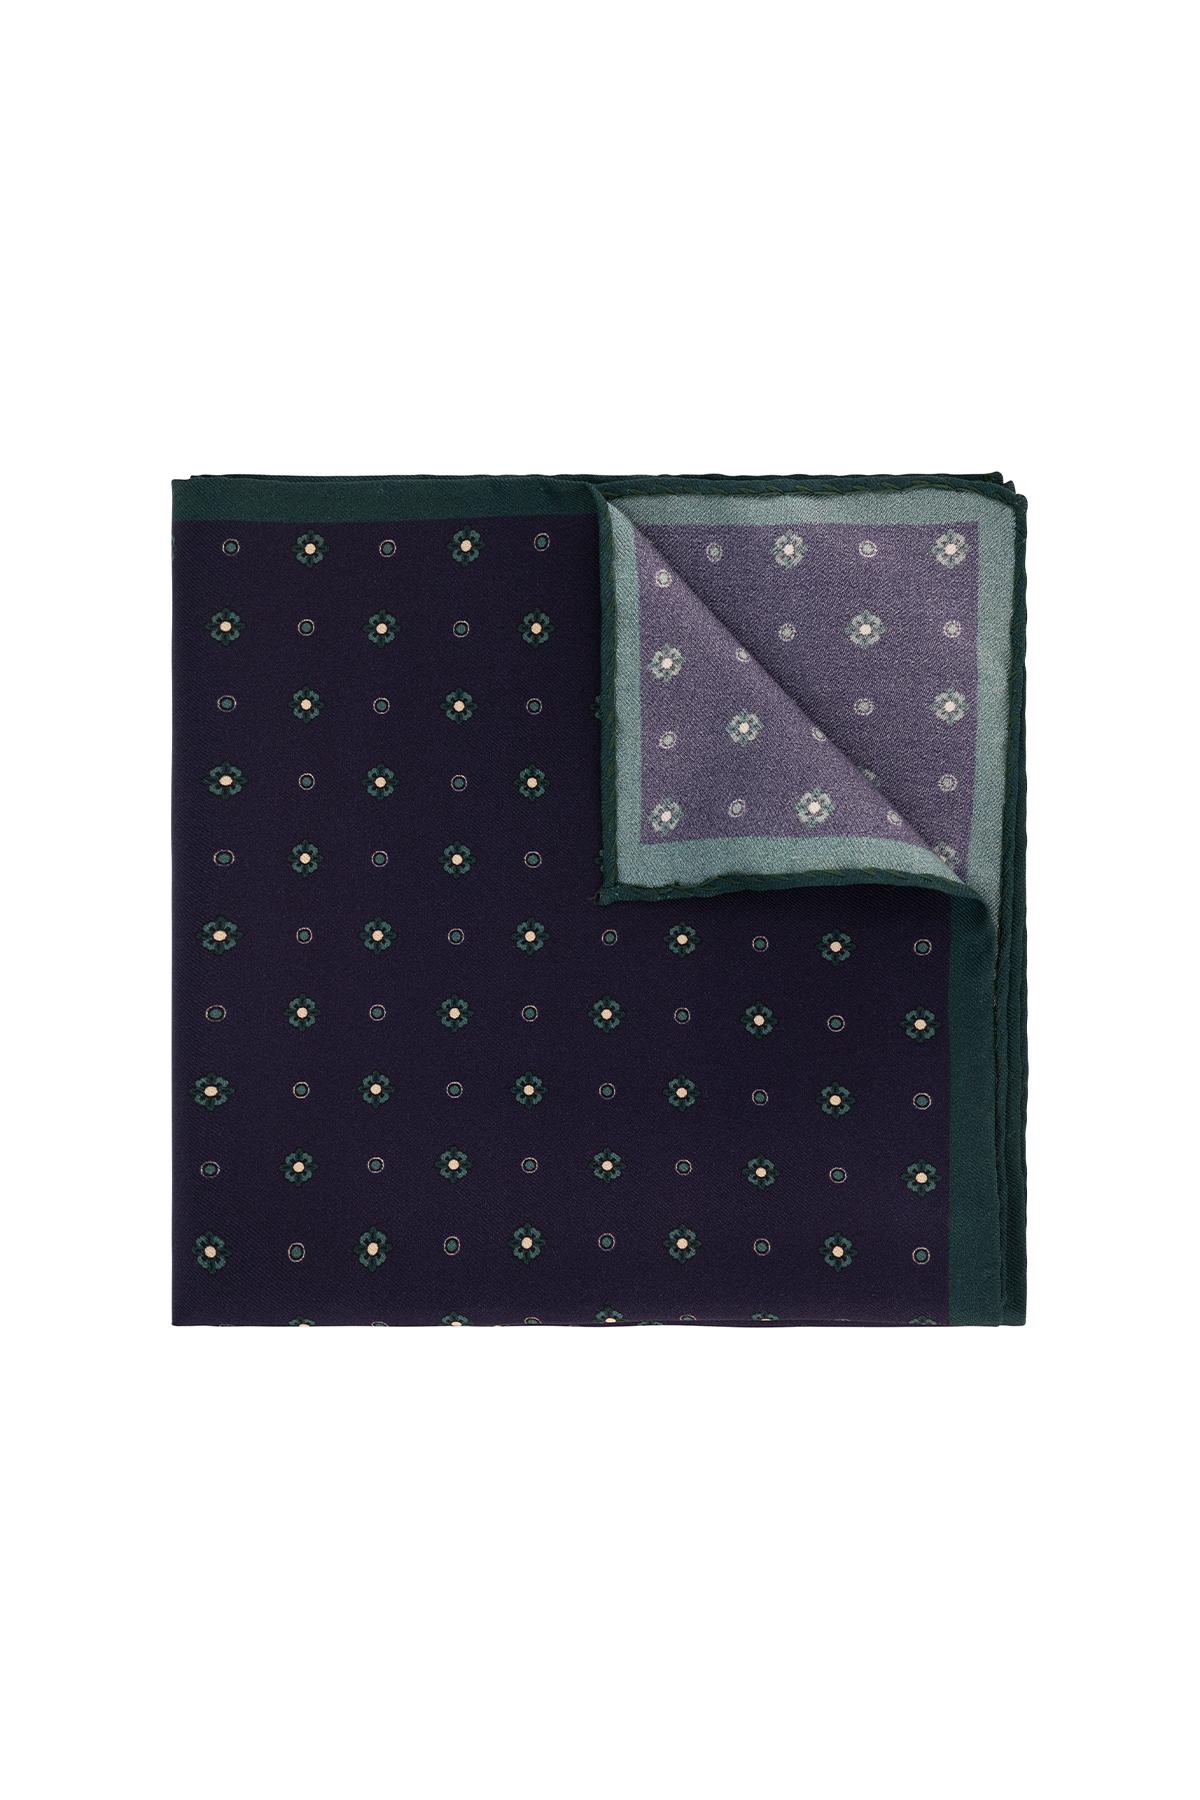 Pañuelo marca Robert´s color morado.